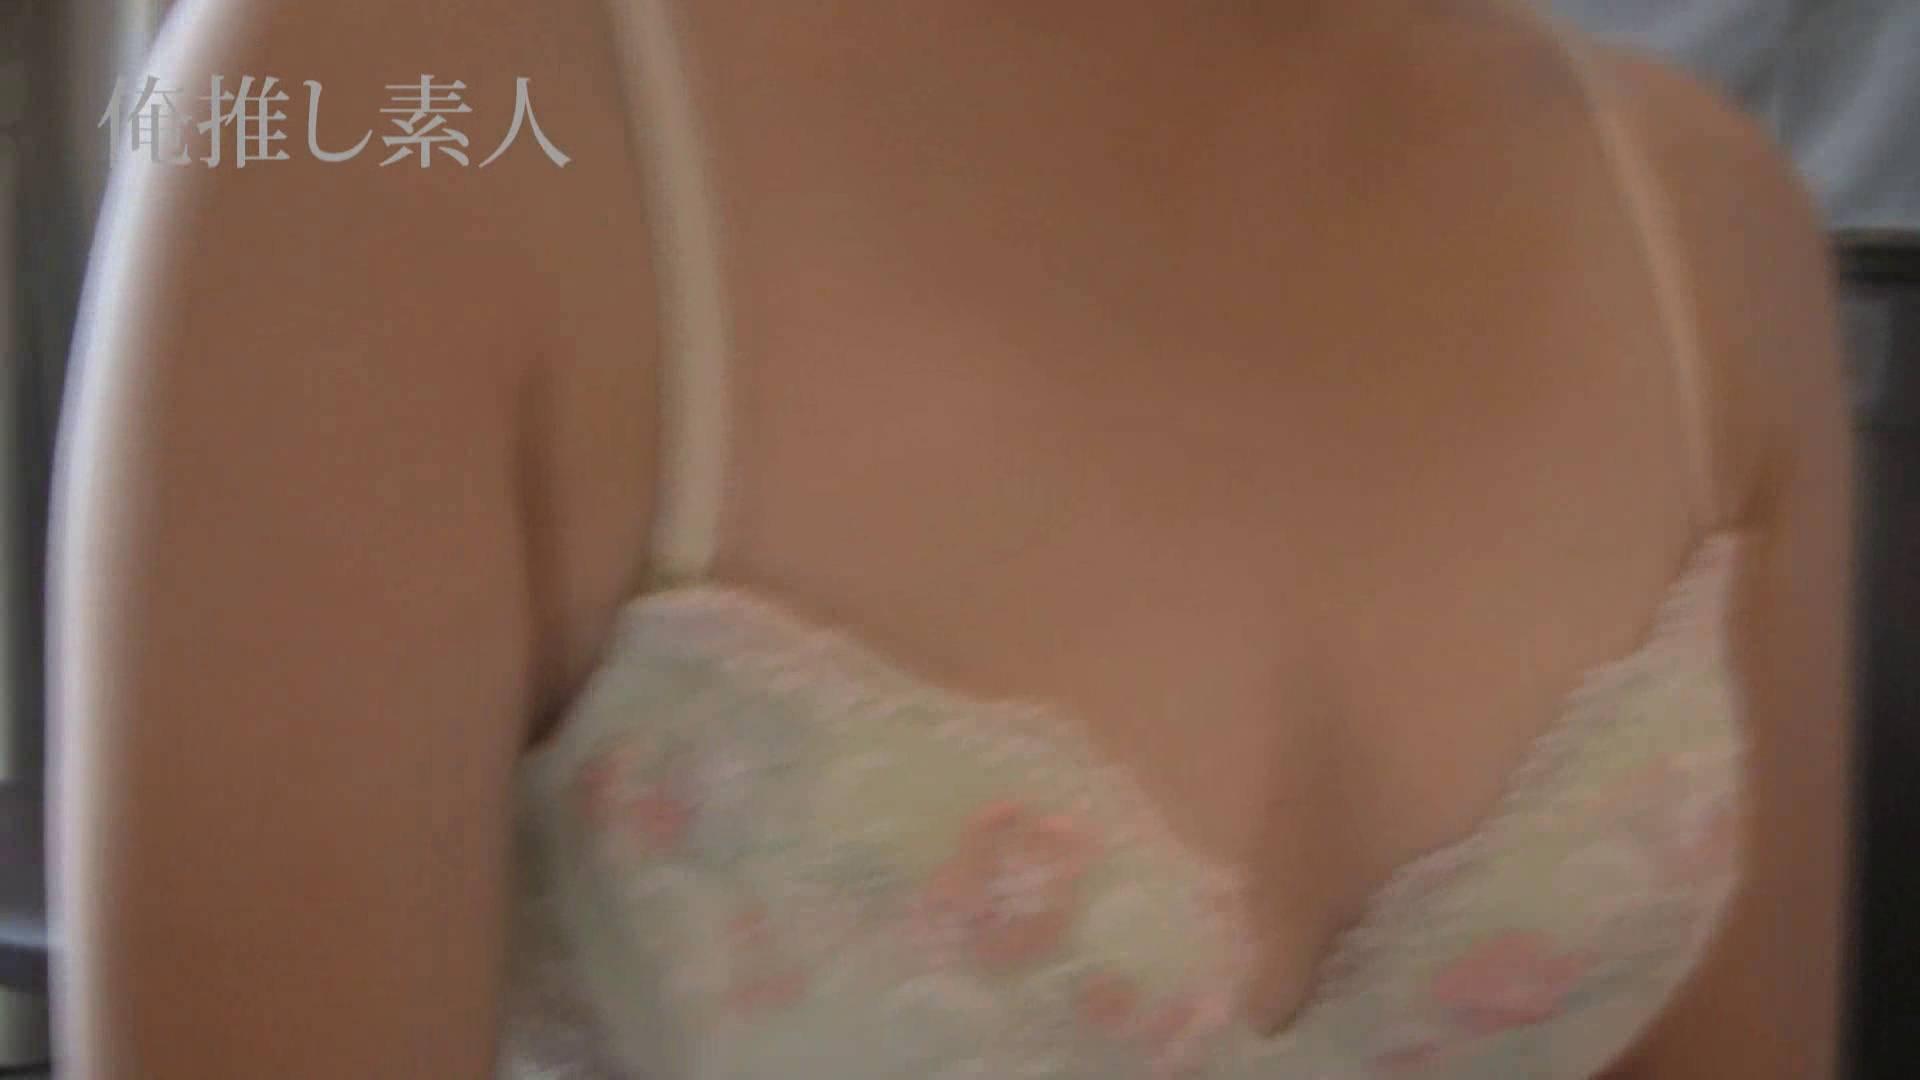 俺推し素人 キャバクラ嬢26歳久美vol5 SEX映像 | 一般投稿  98pic 11